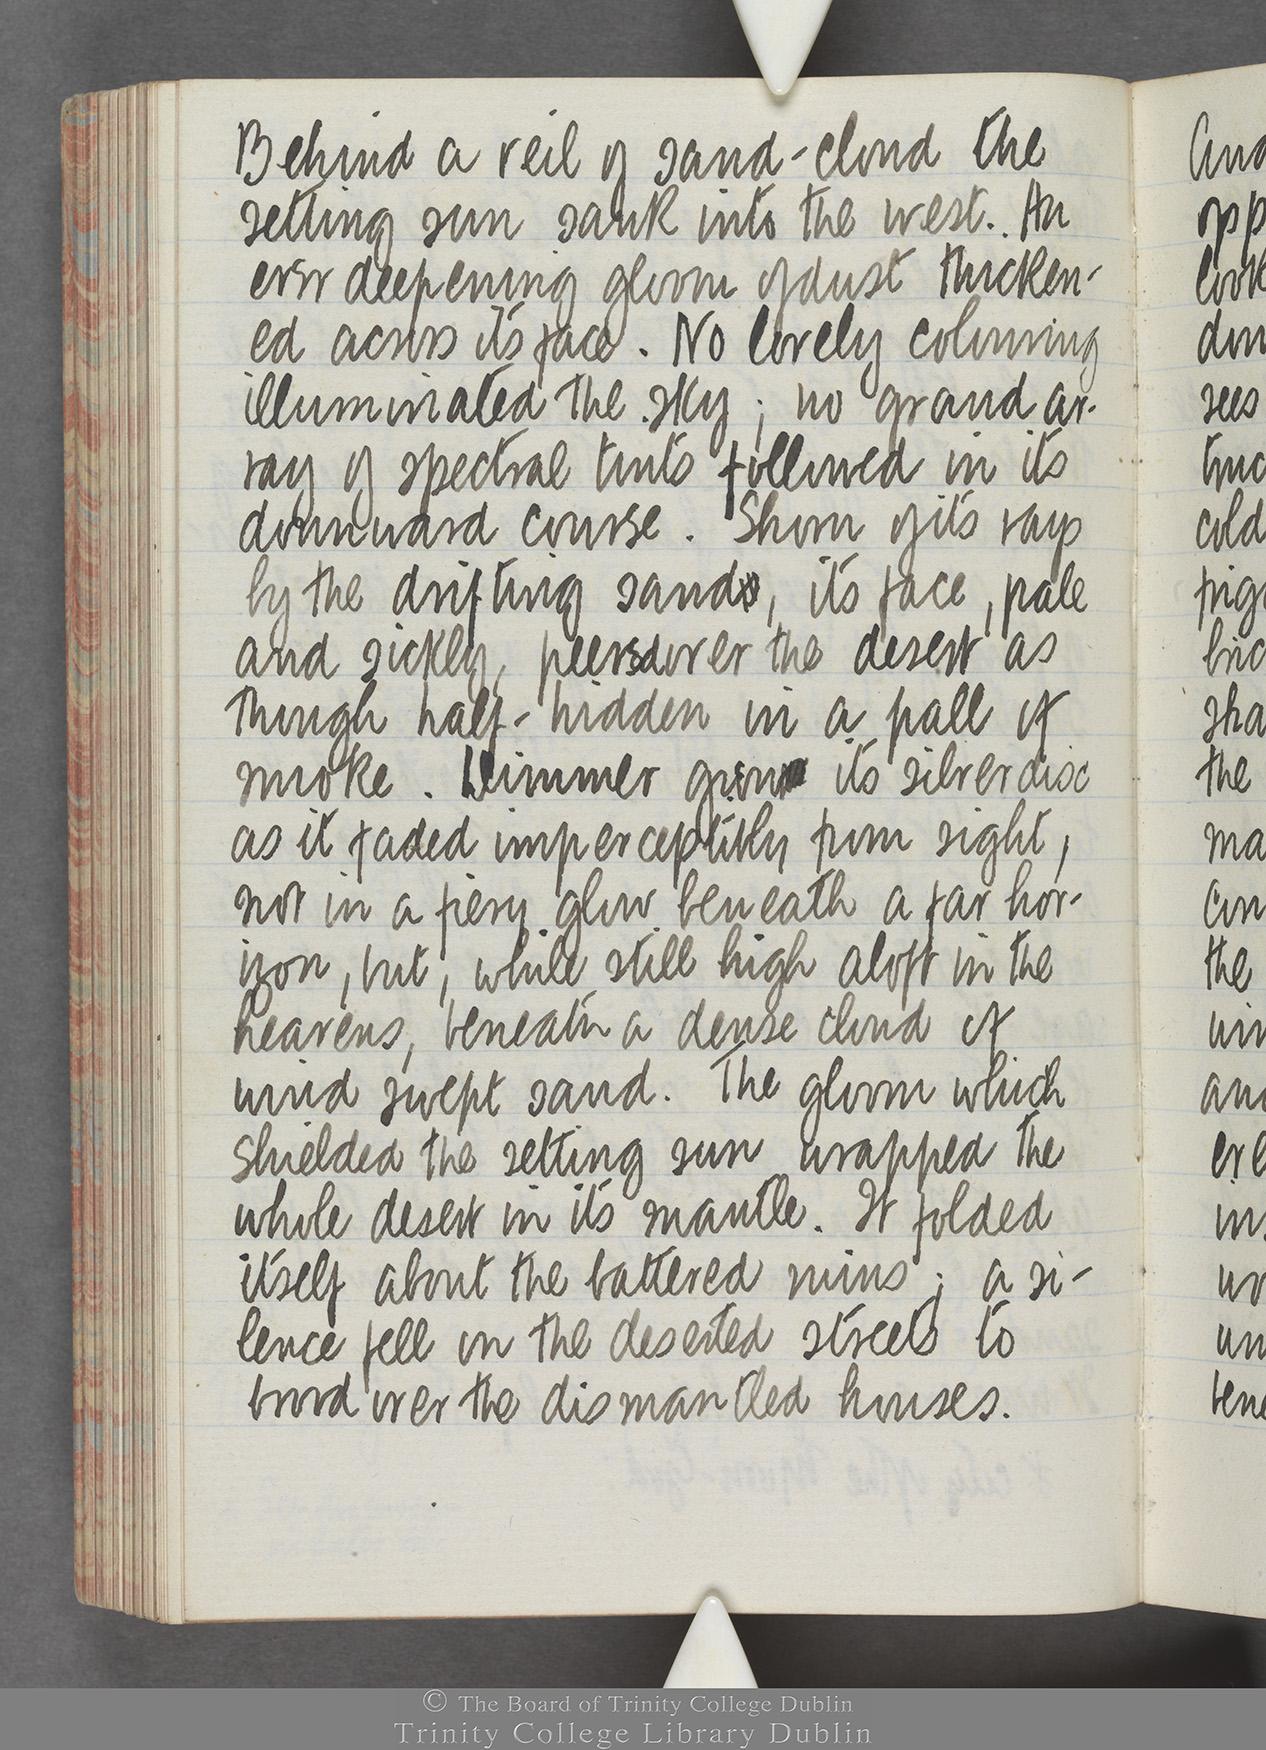 TCD MS 10515 folio 108 verso